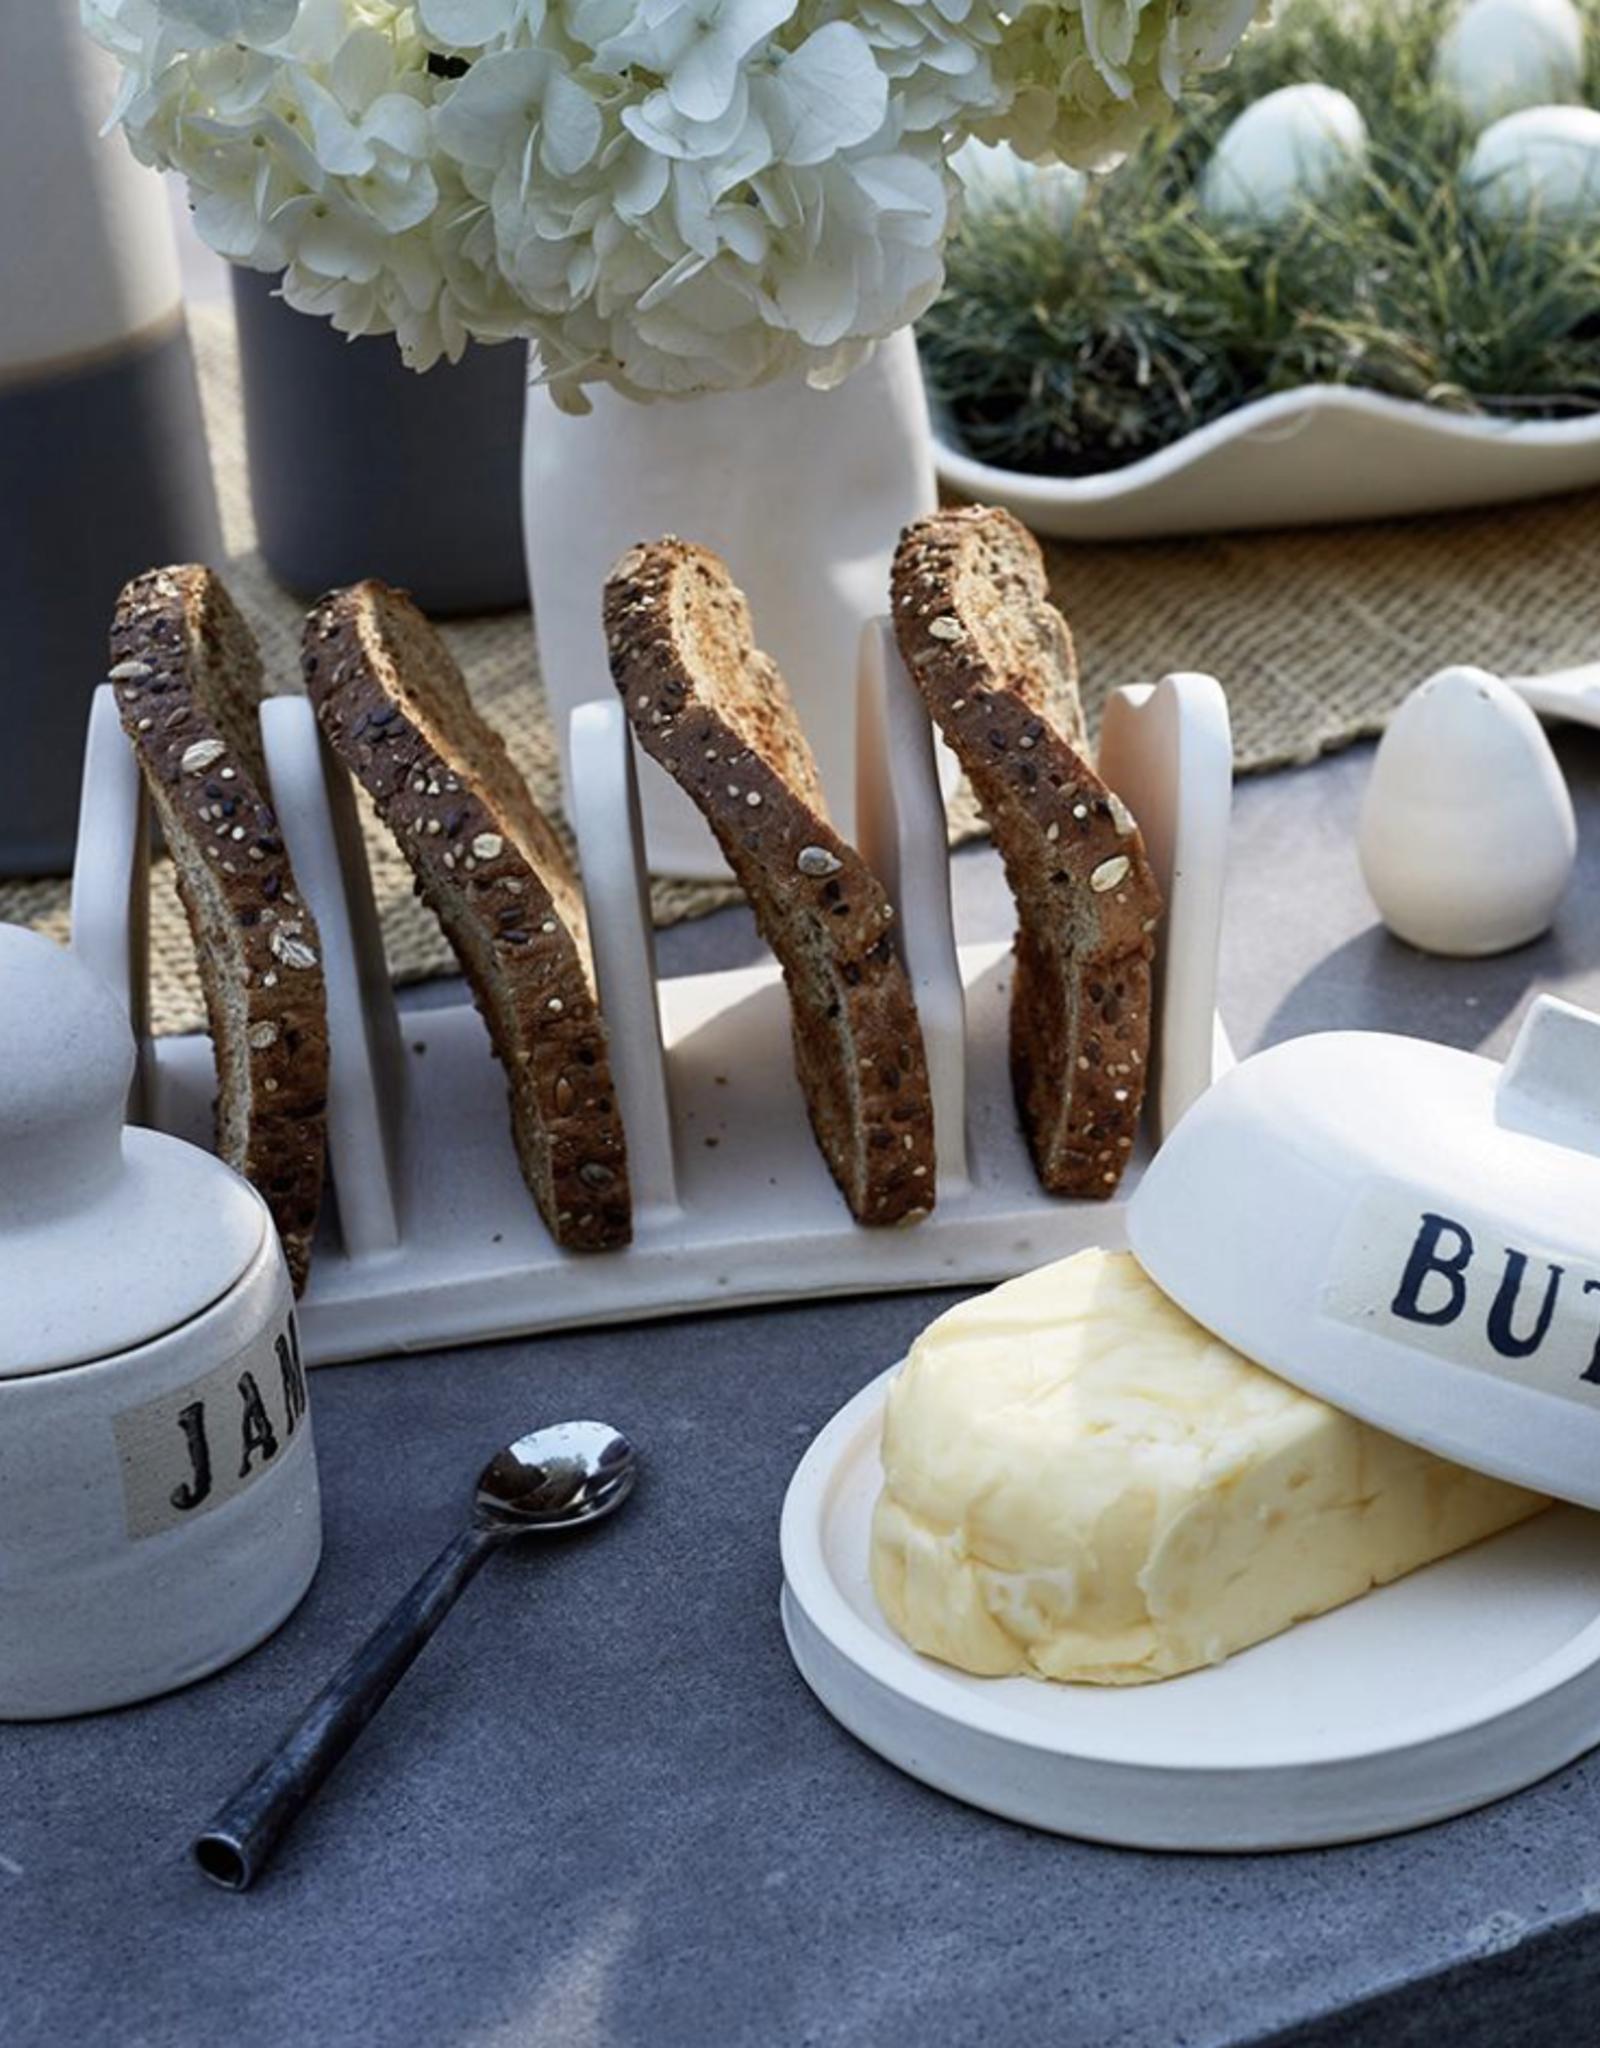 Style Union Home Bettie Dish - Butta